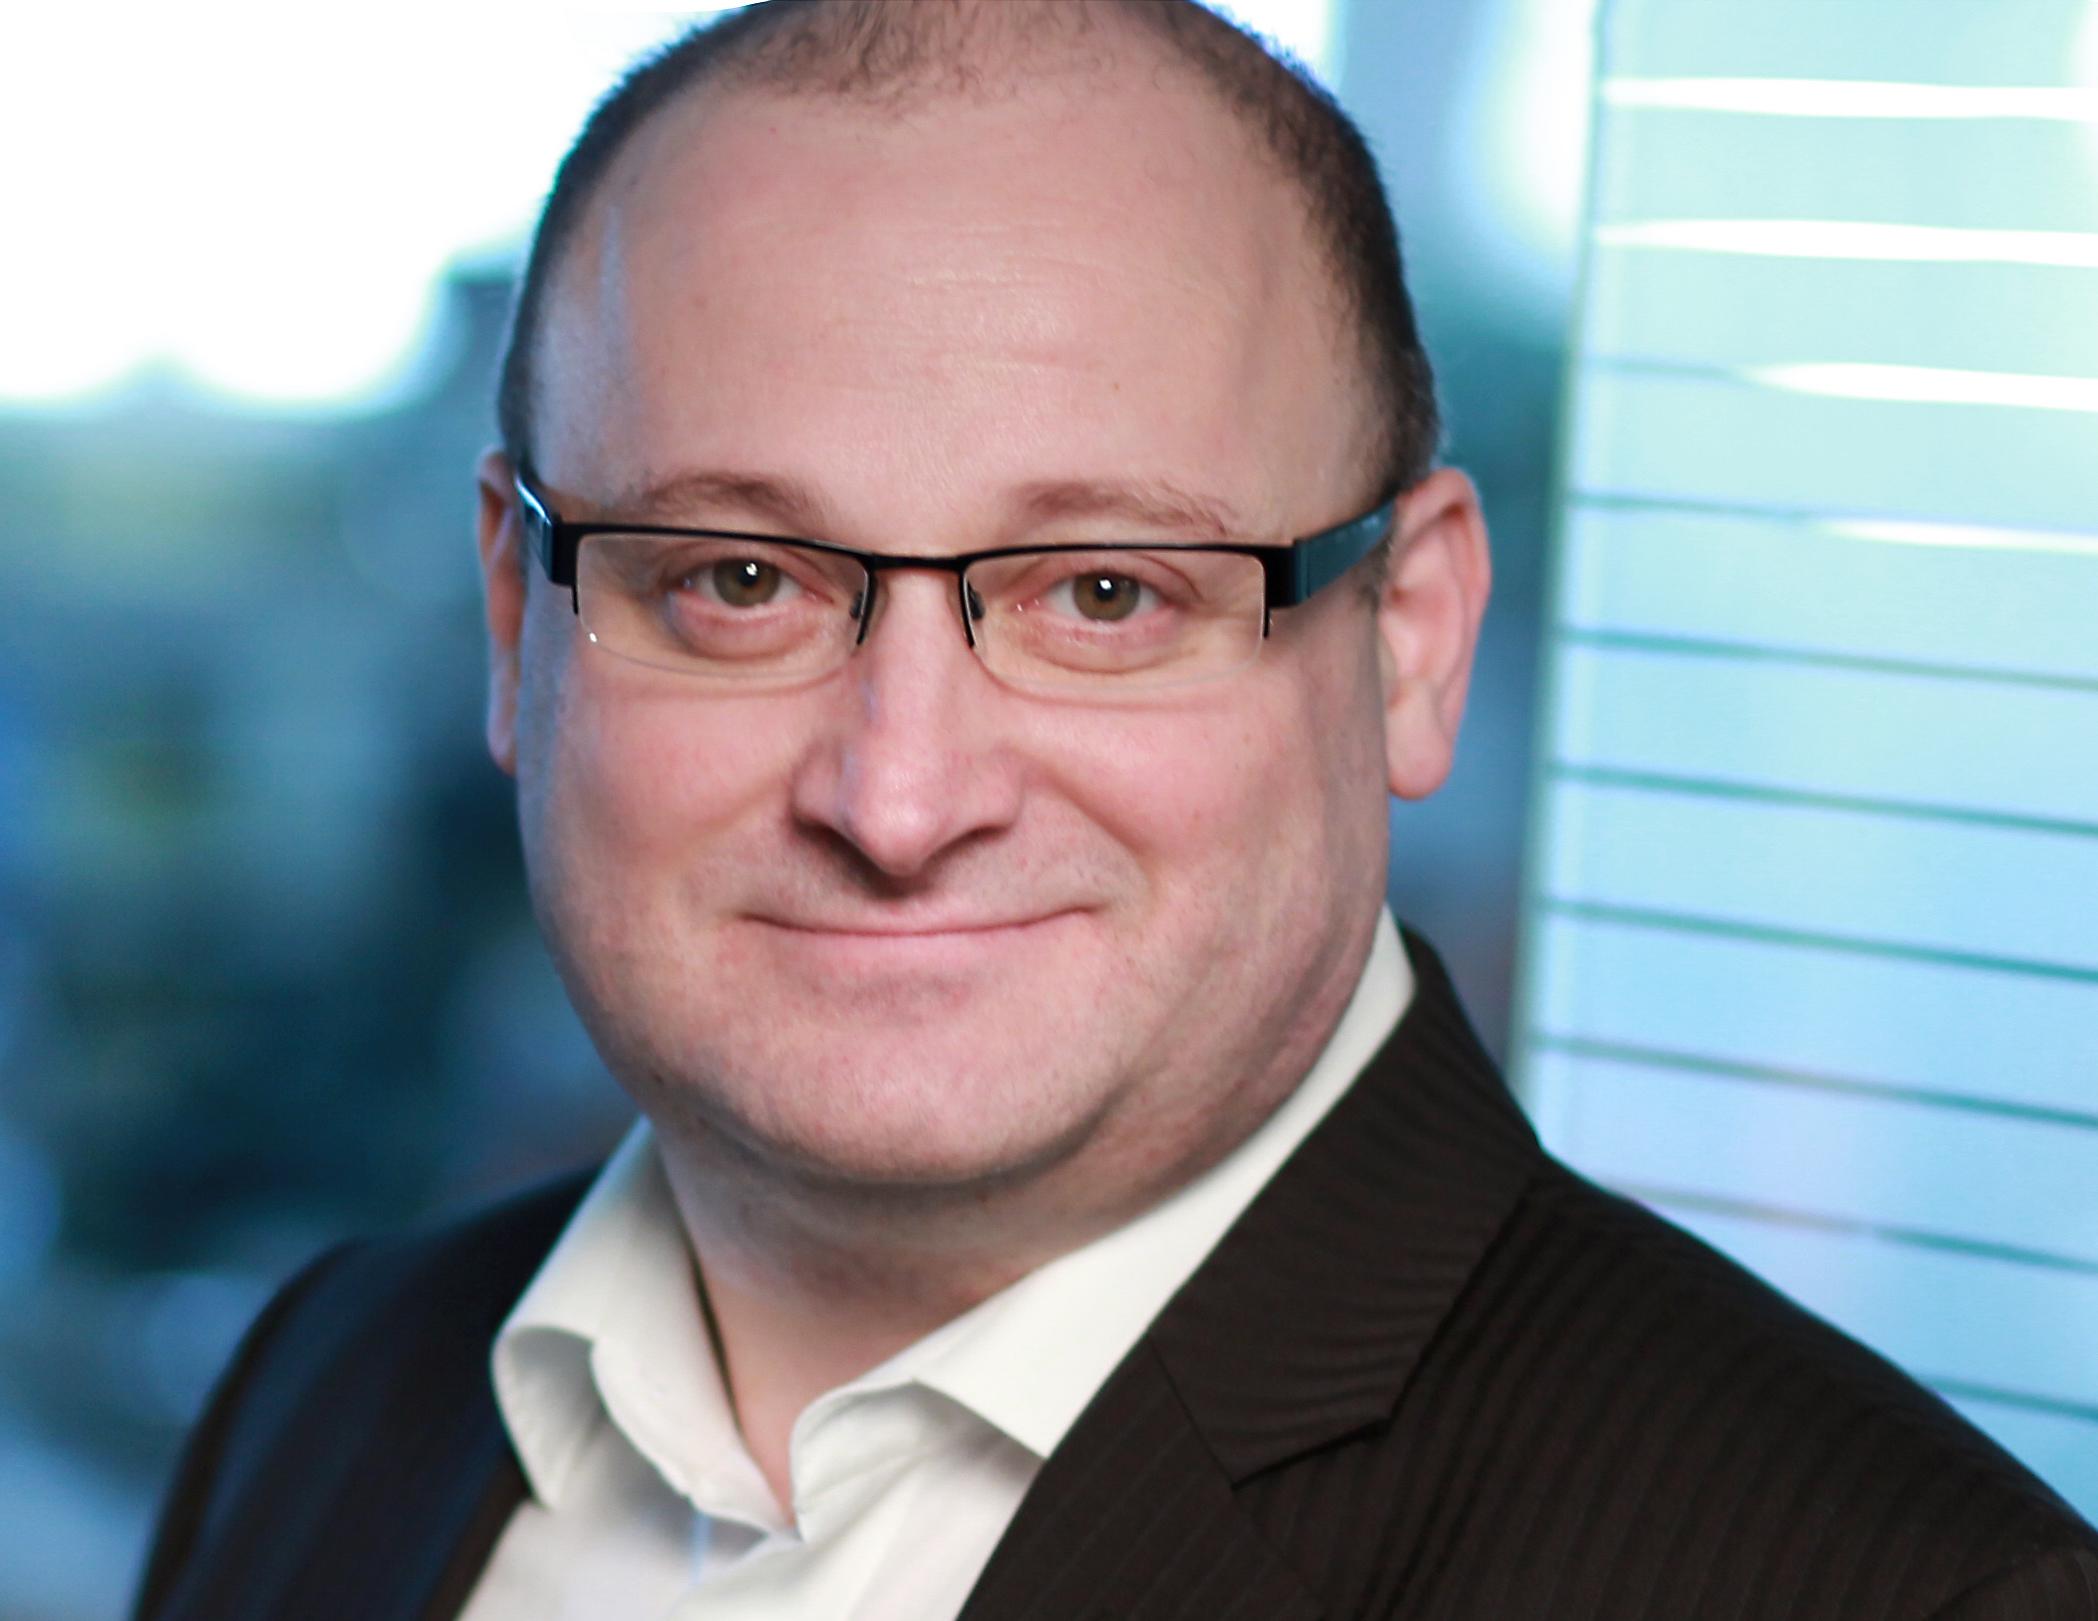 Bruno Klampferer